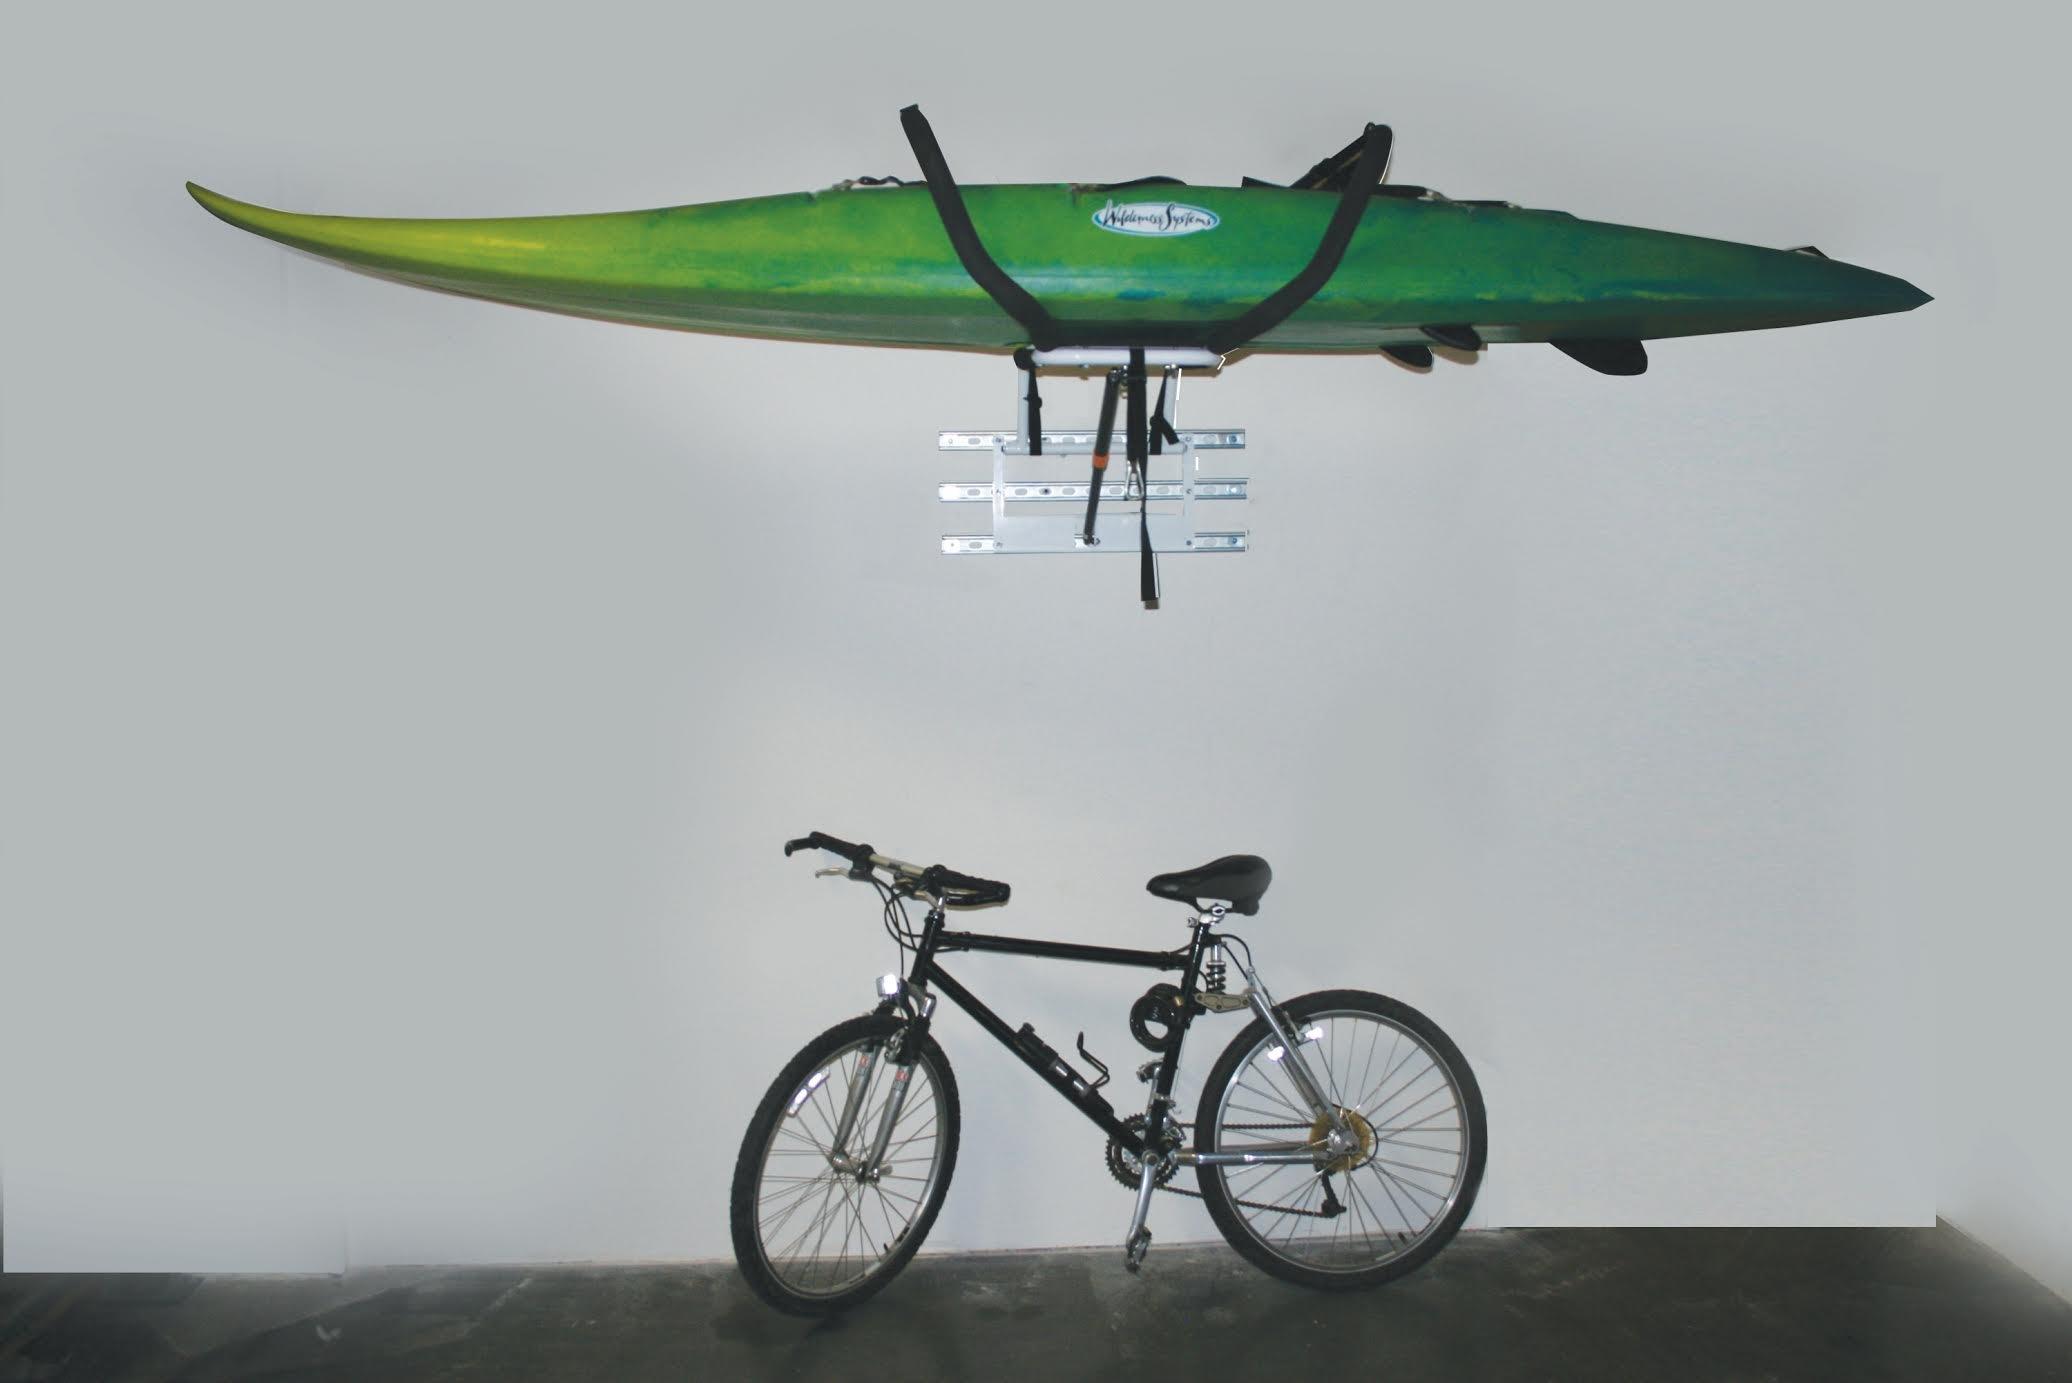 Kayak Storage Rack by Zero Gravity Racks - Garage Wall Mounted or Home Kayak Storage Rack - Patented Kayak Holder/Kayak Hanger System (powder coat finish)